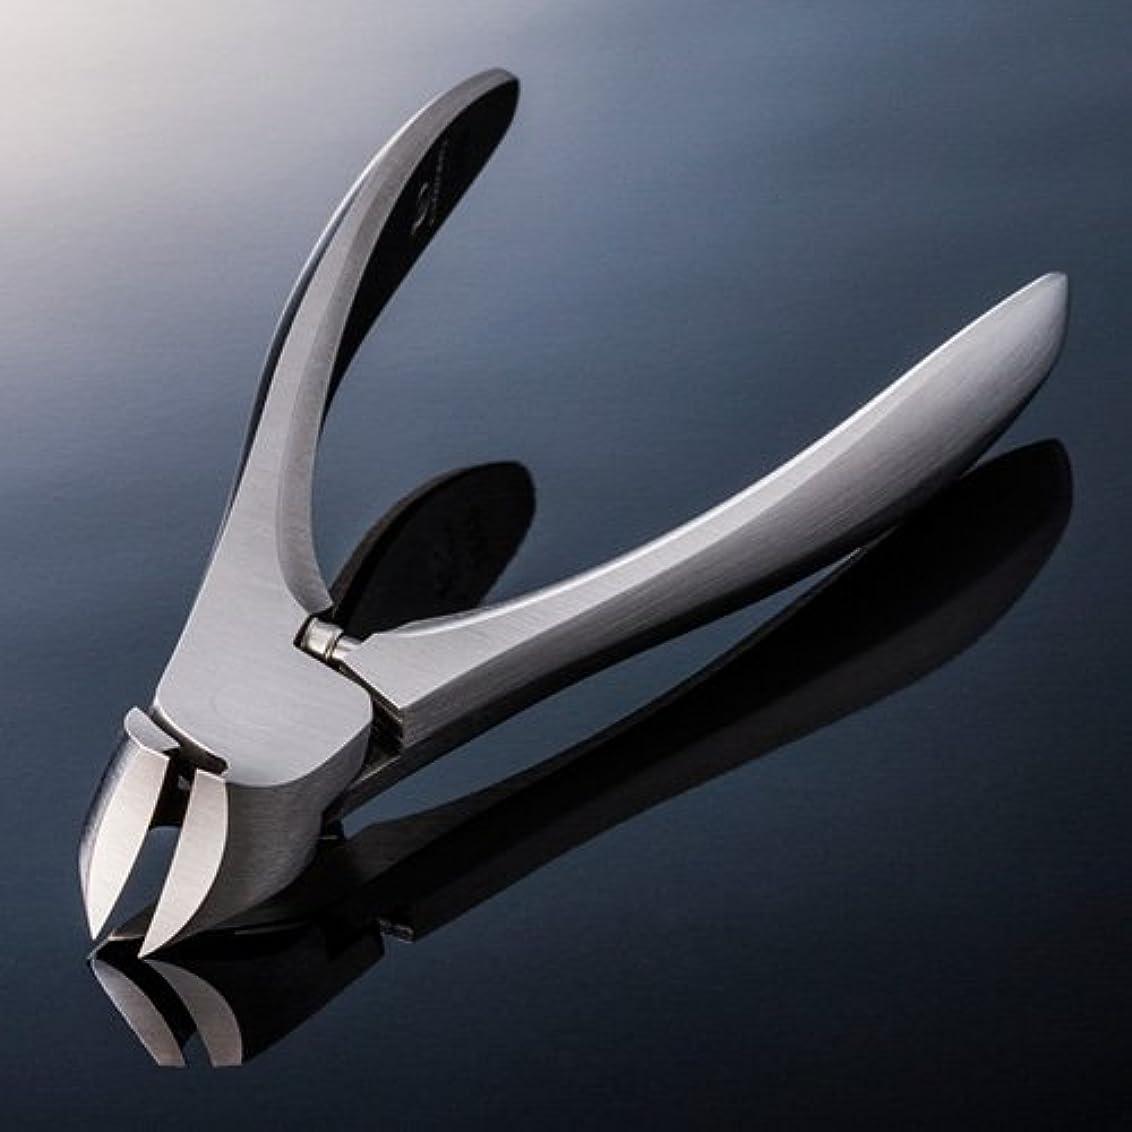 ギャングスター先生チューインガム【SUWADA クラシックL 爪やすり付】 諏訪田のつめ切り 爪切り ネイルニッパー 収納メタルケース付 /日本のいいもの